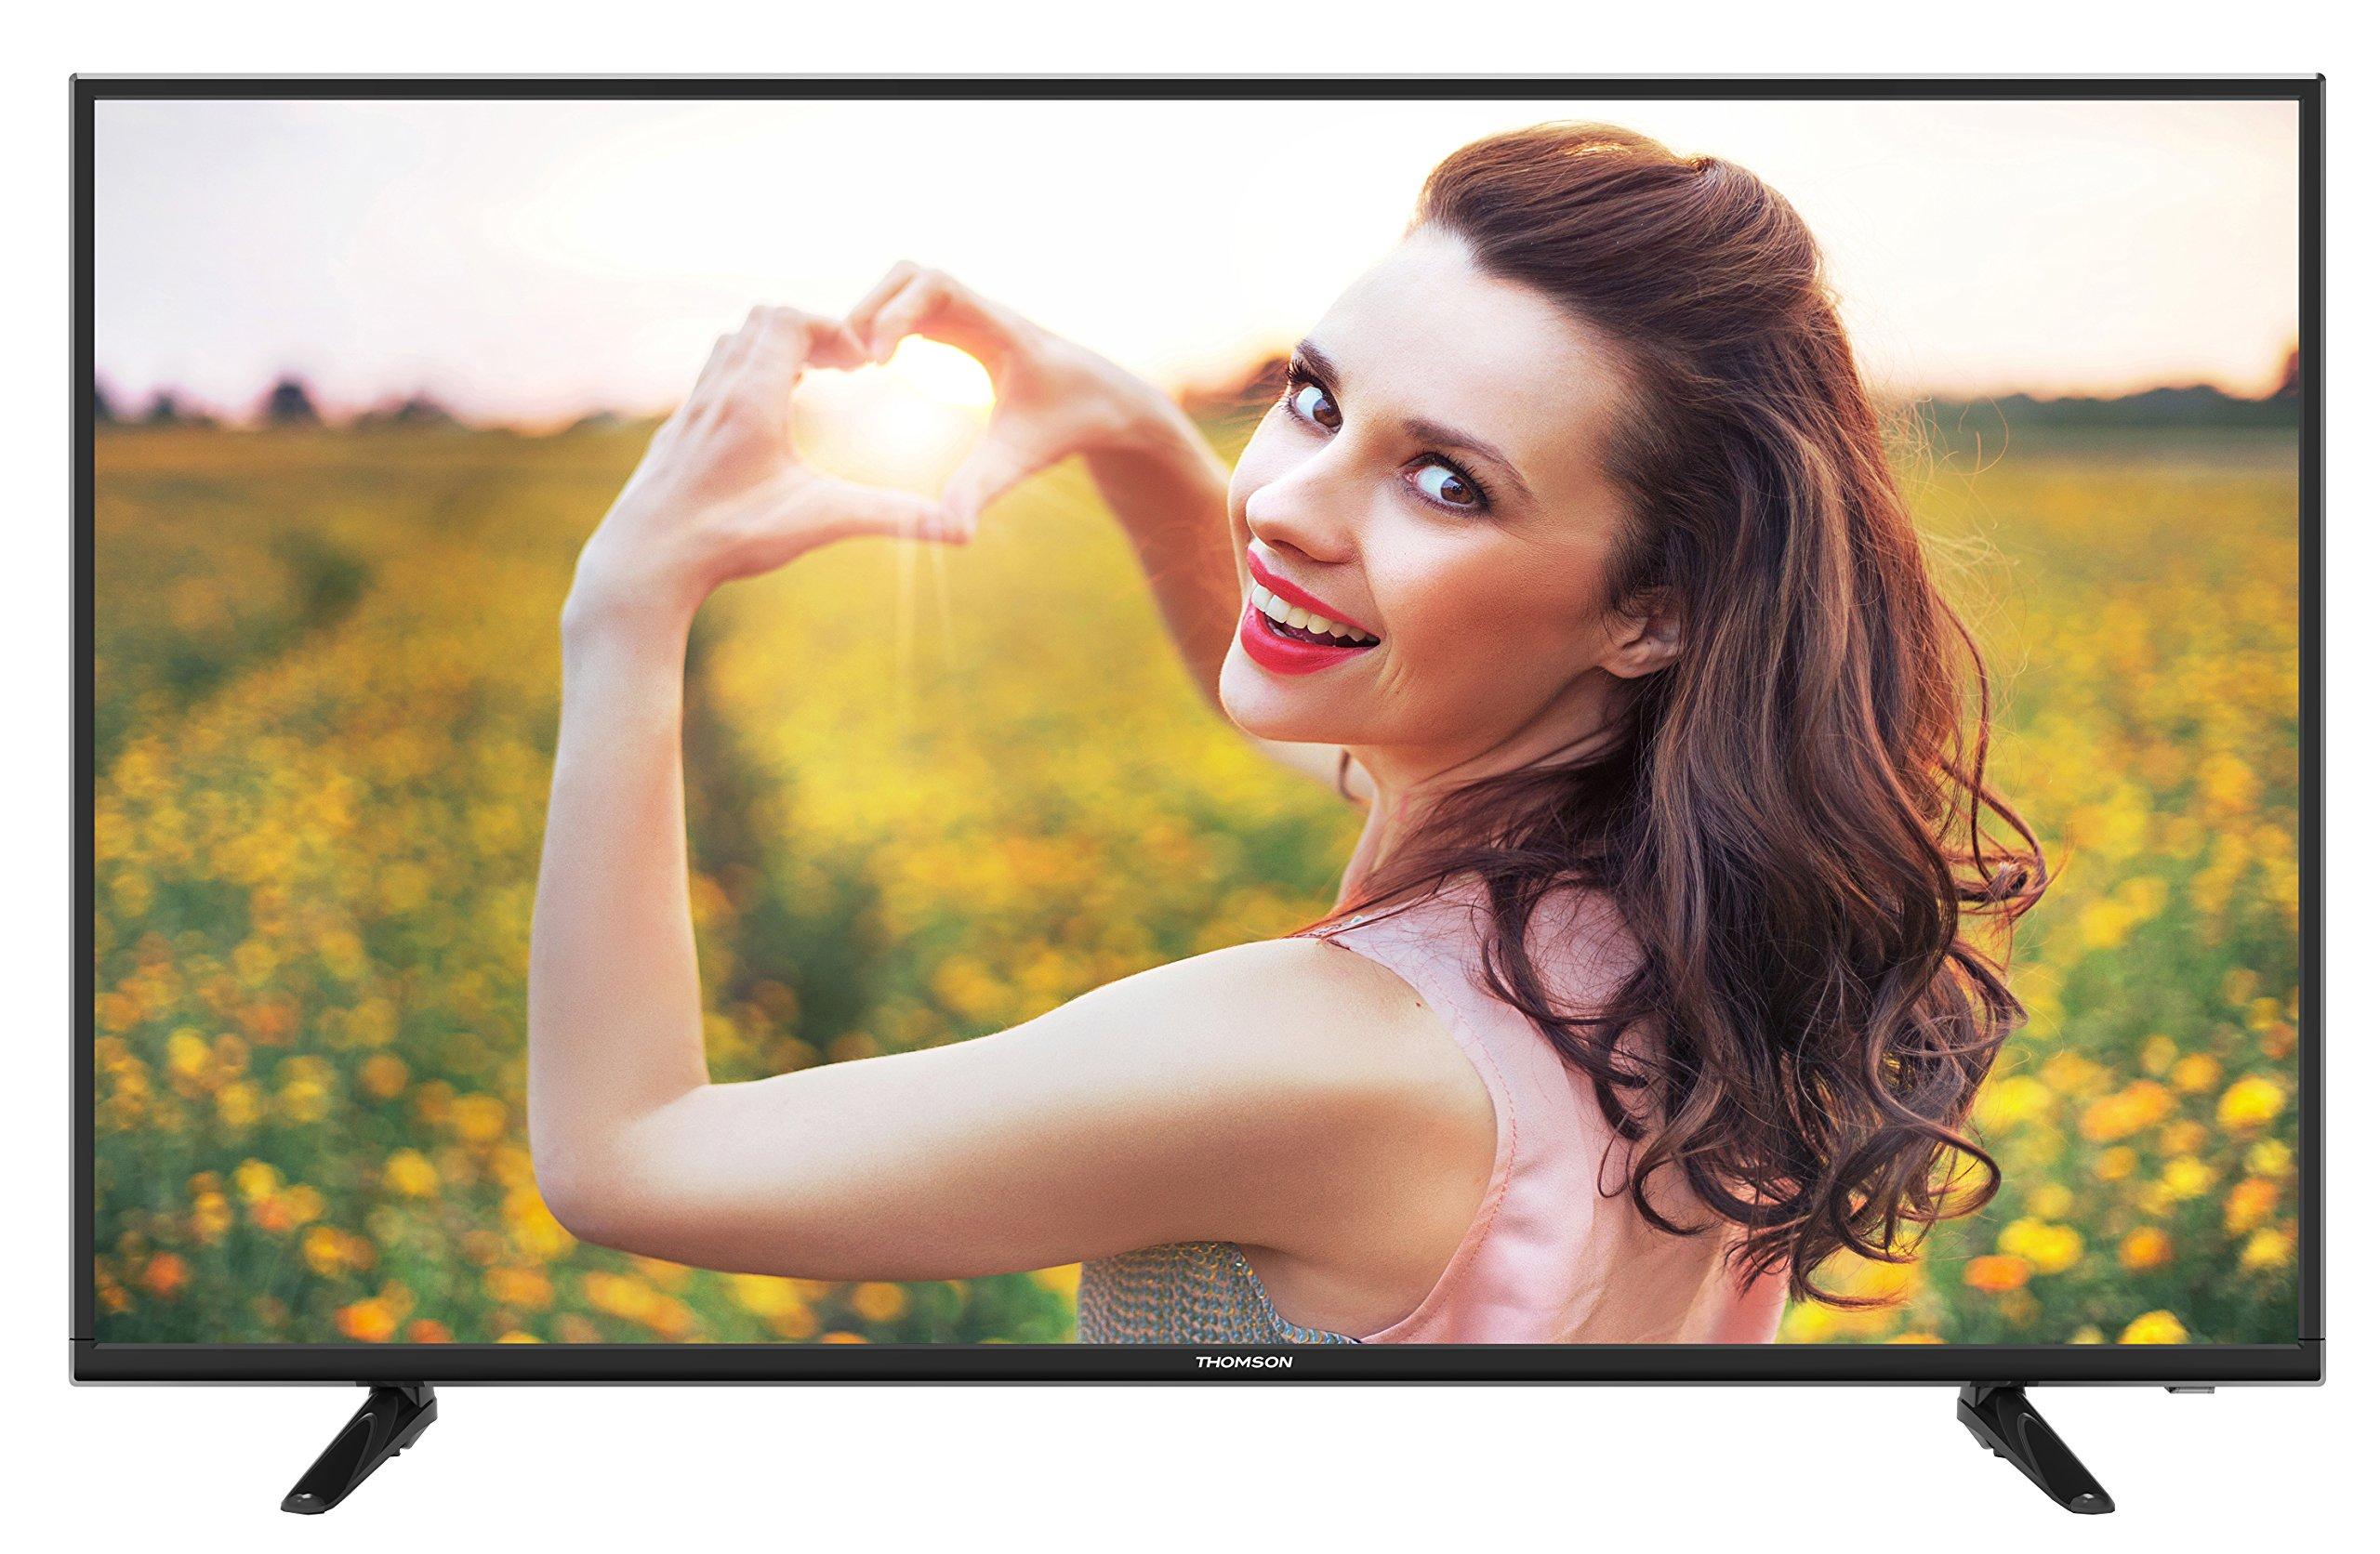 Thomson 32HB3104 - TV: Amazon.es: Electrónica